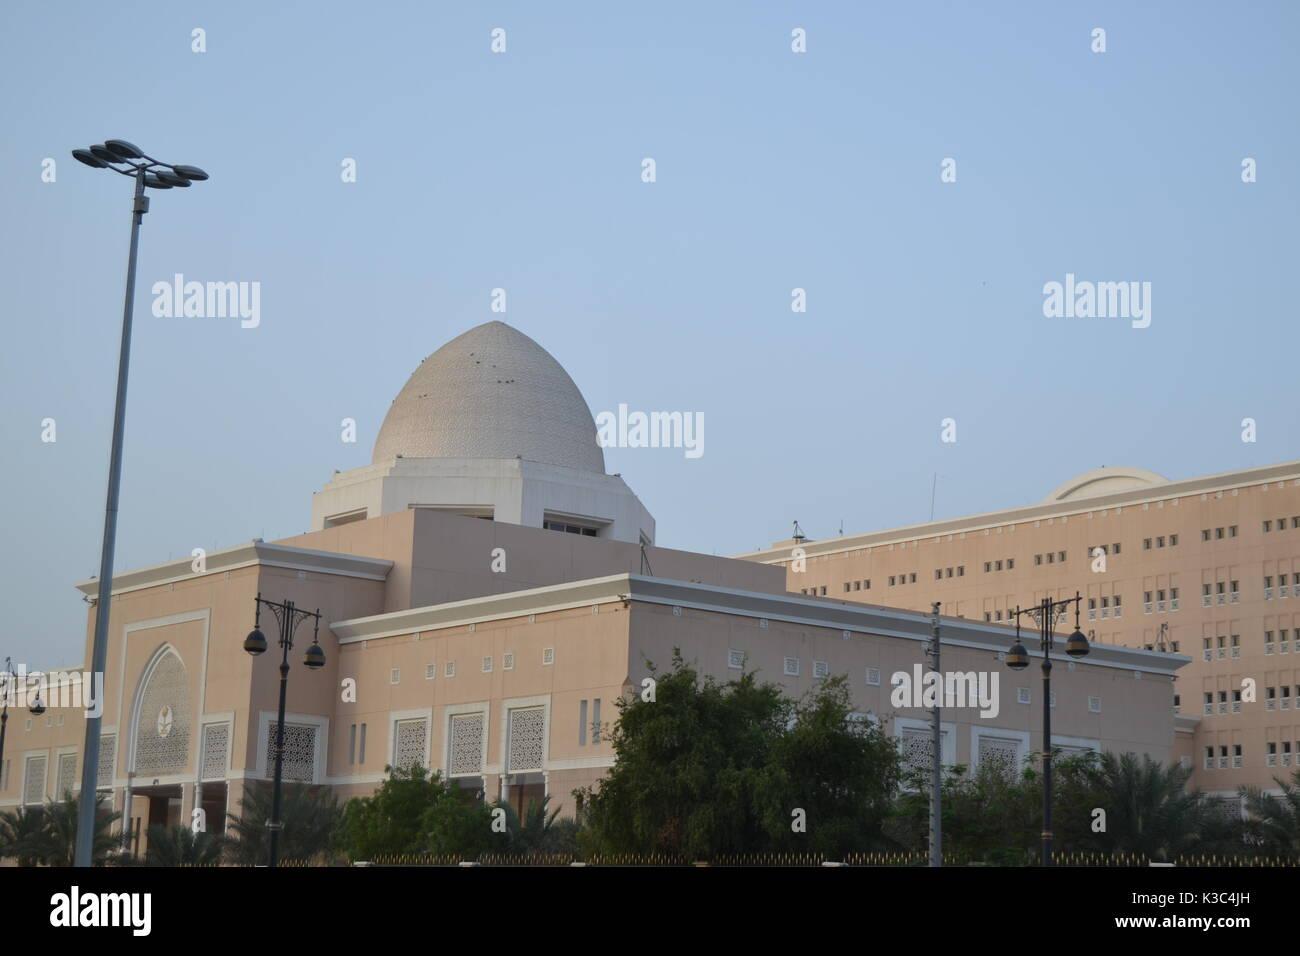 Arabic architecture - Stock Image